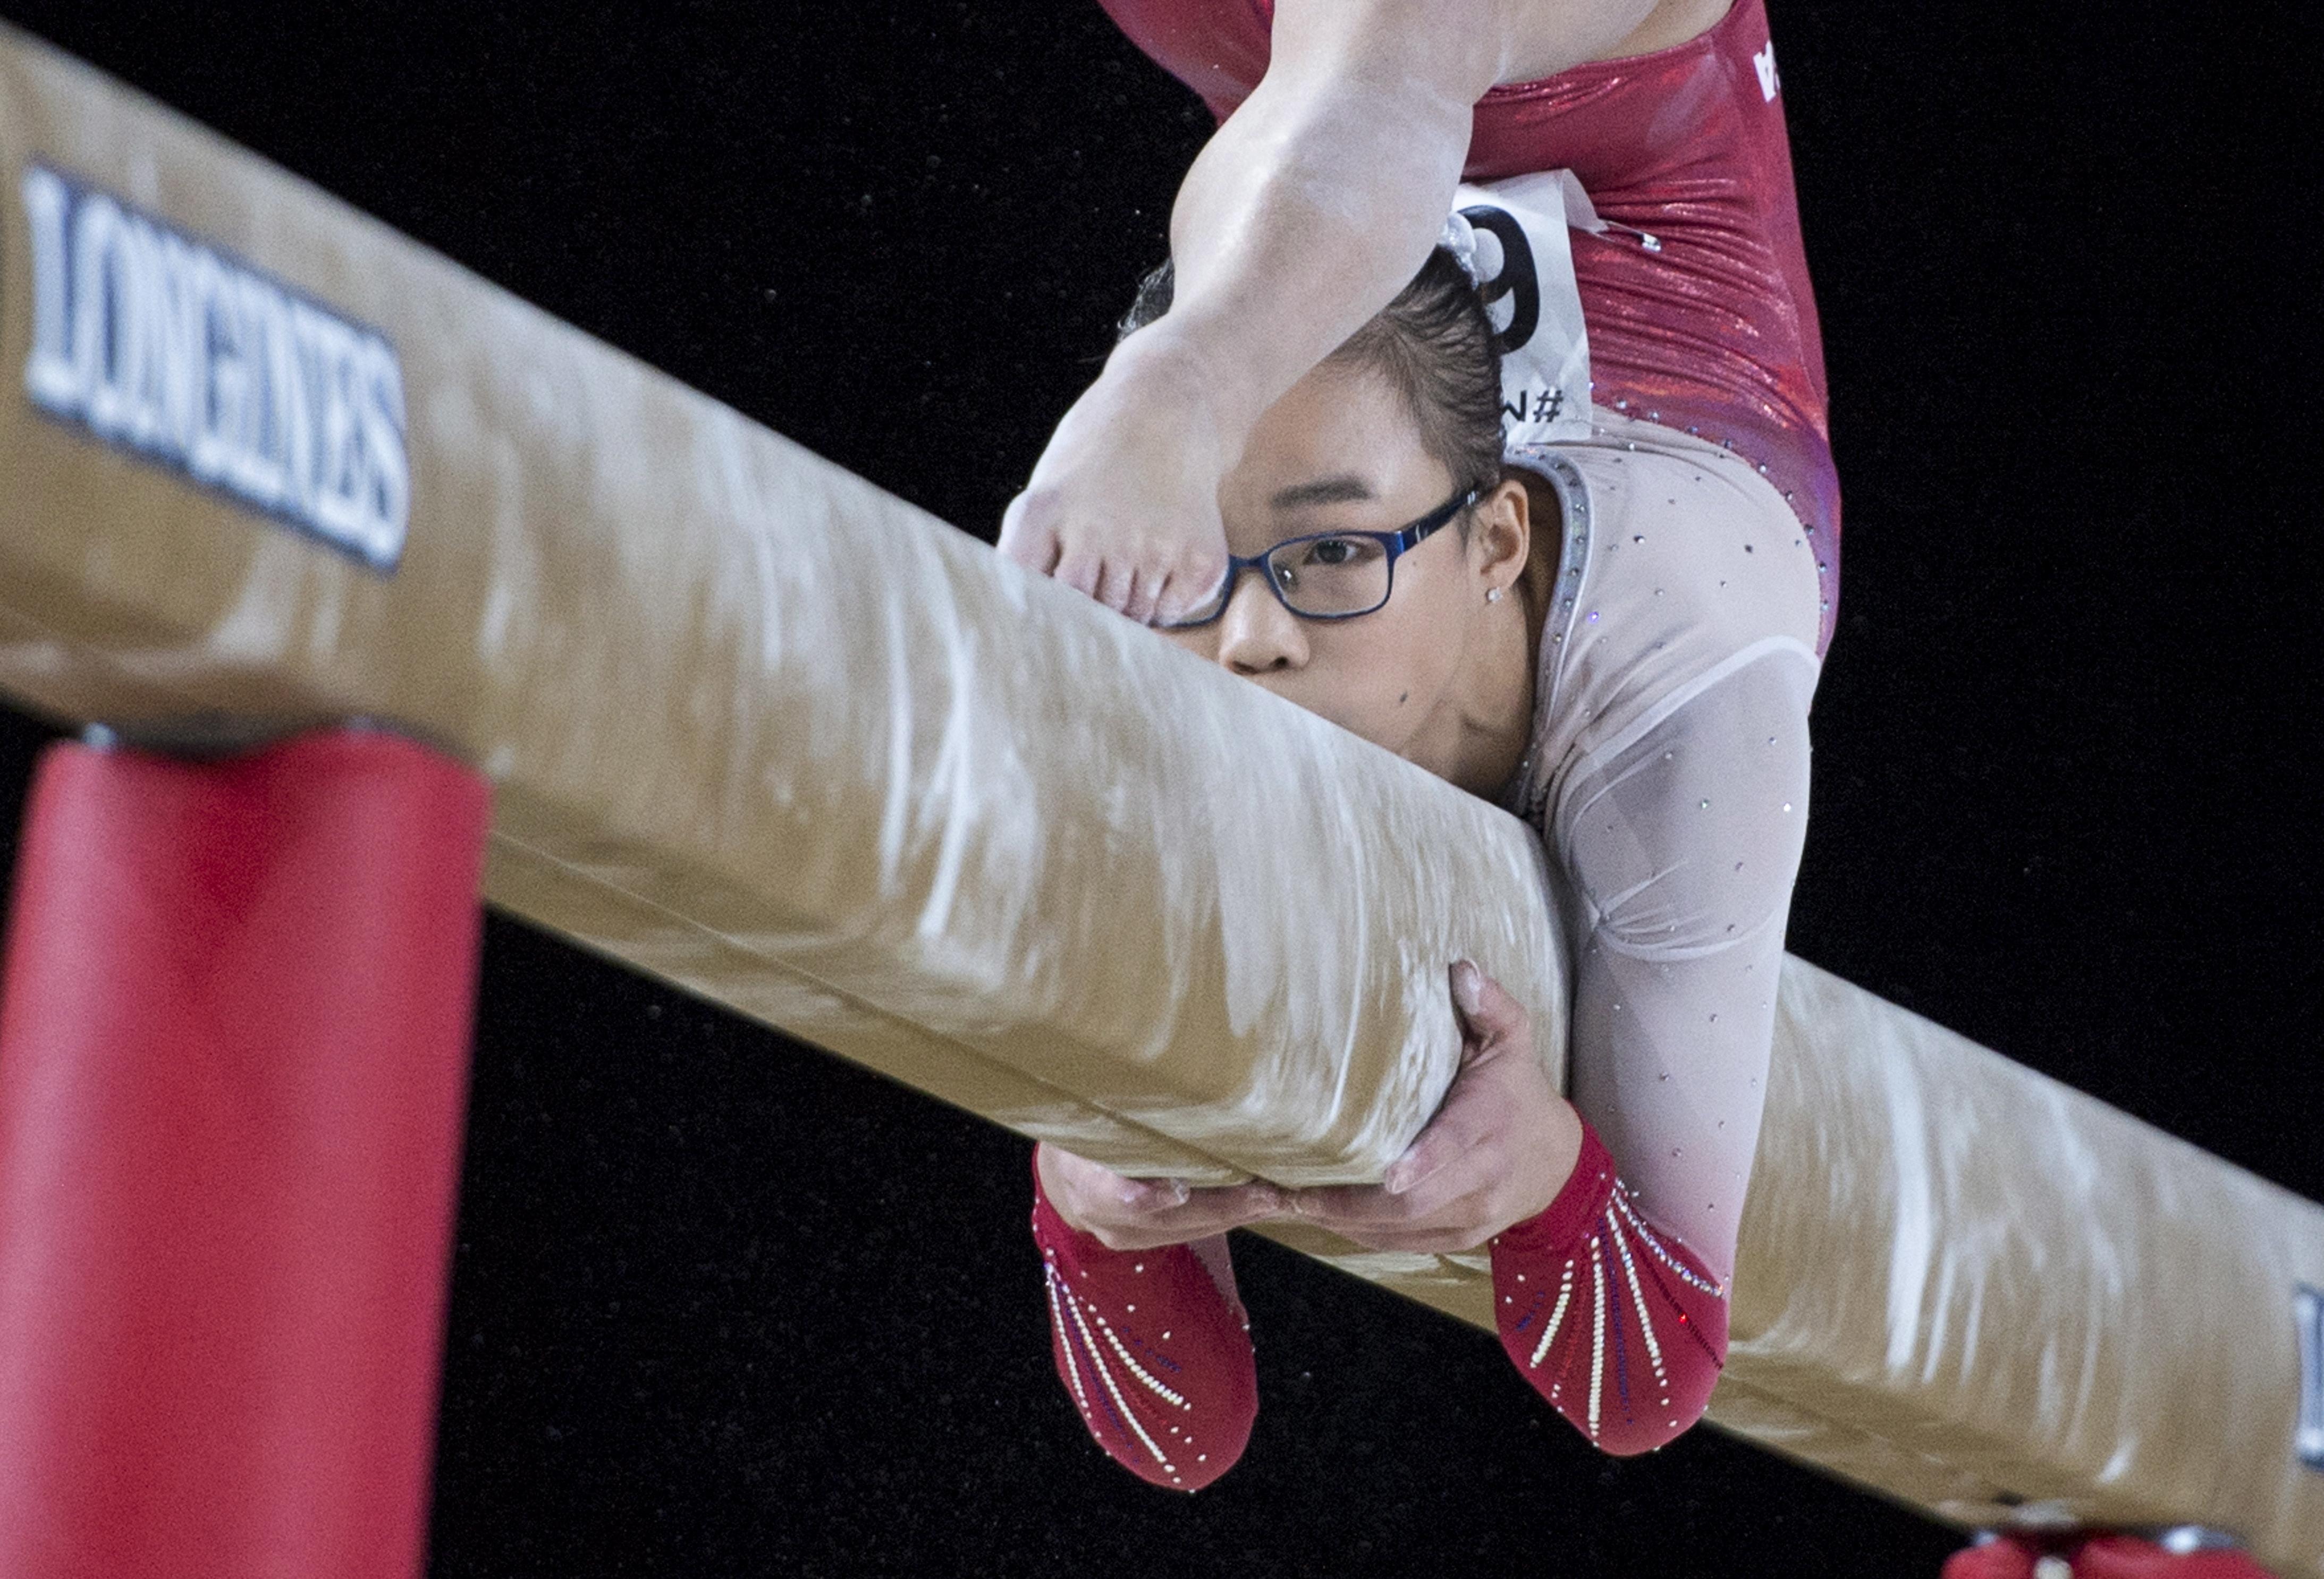 華裔少女吳穎思(Morgan Hurd) 8日在體操世錦賽單項平衡木比賽中,再奪得一面銀牌。(美聯社)